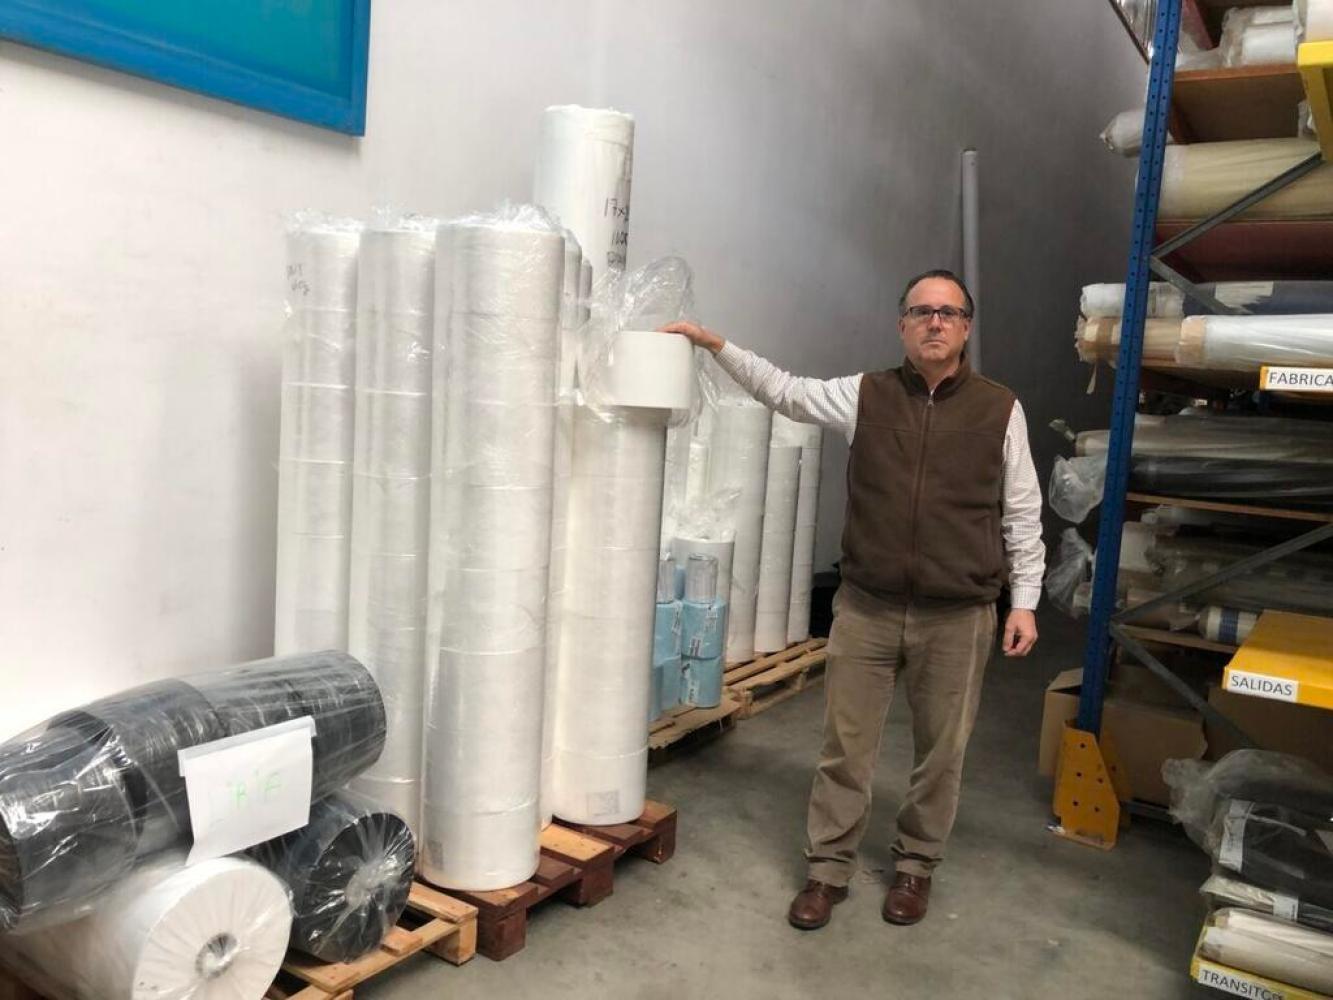 : Imagen de Gonzalo Julián Orduña, en las instalaciones de Textil Babaria